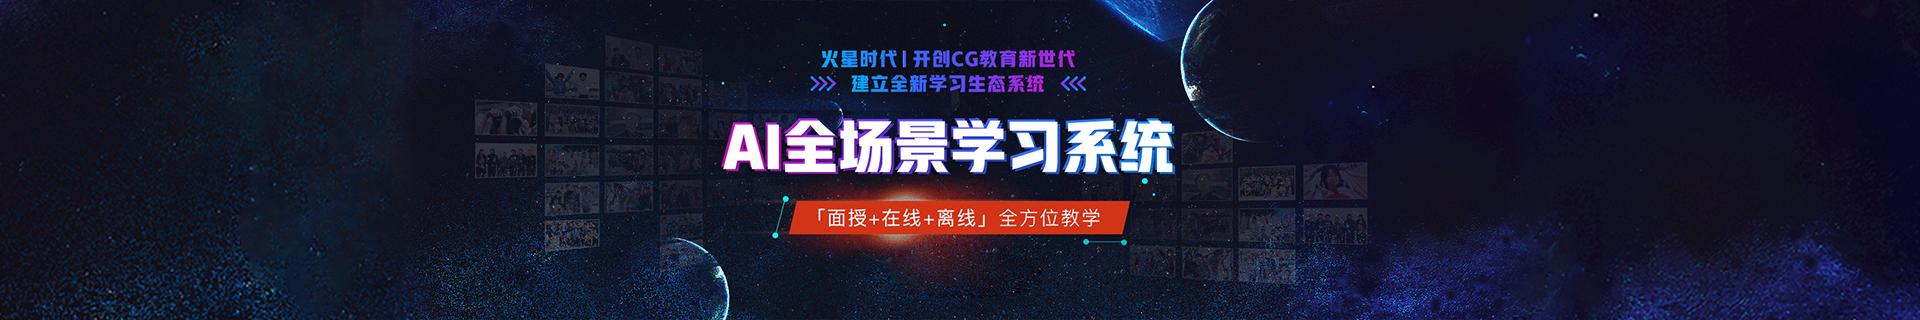 北京海淀火星时代教育